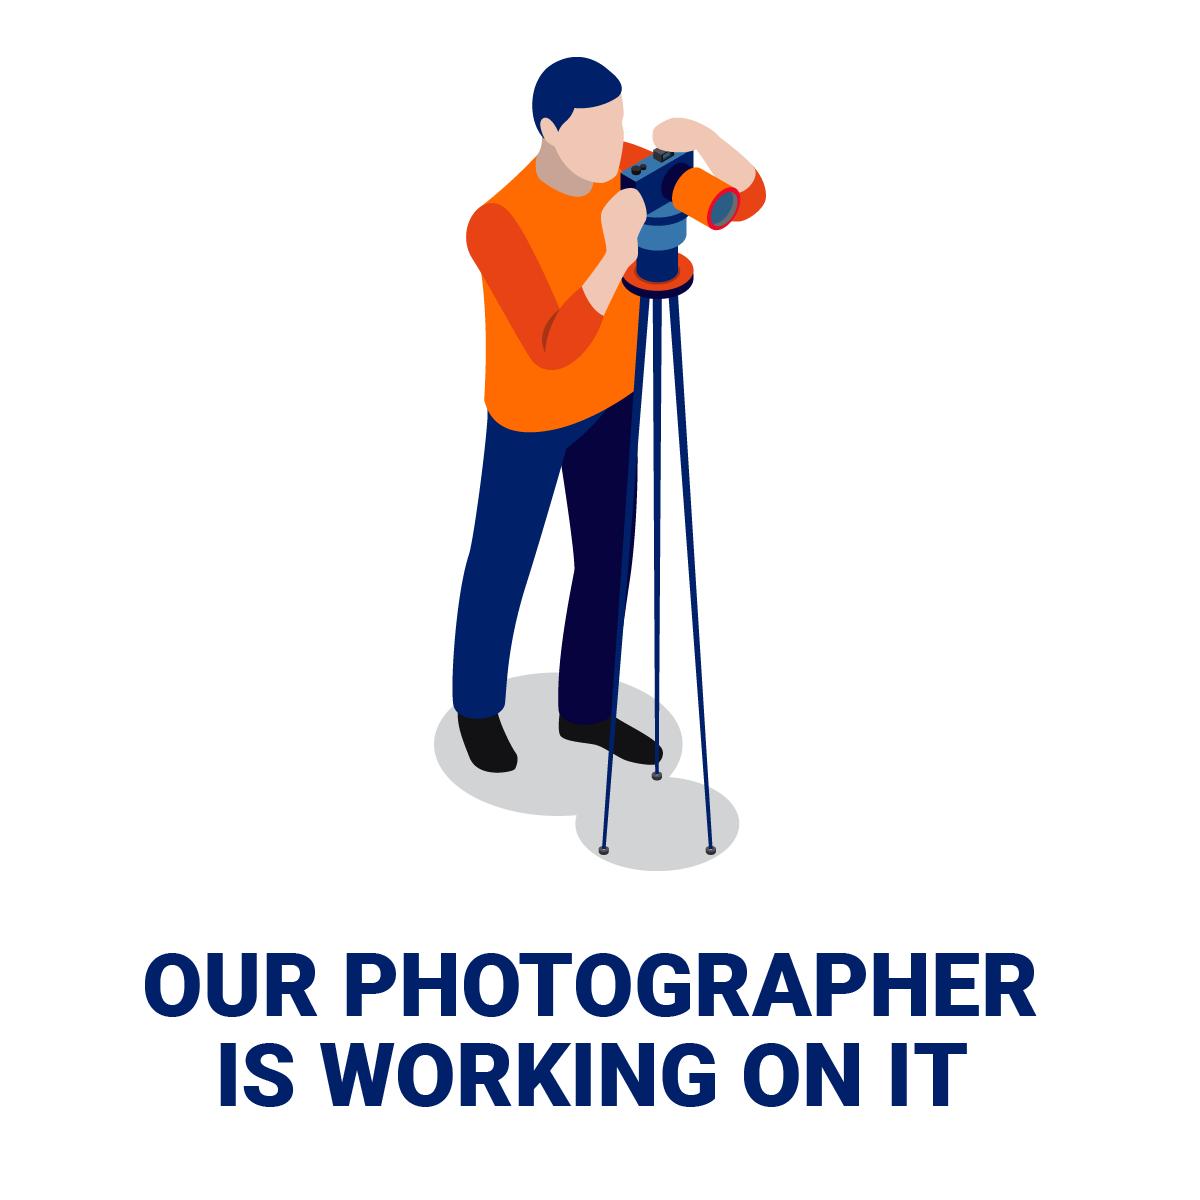 HHCJ6 2496 CORE GPU3